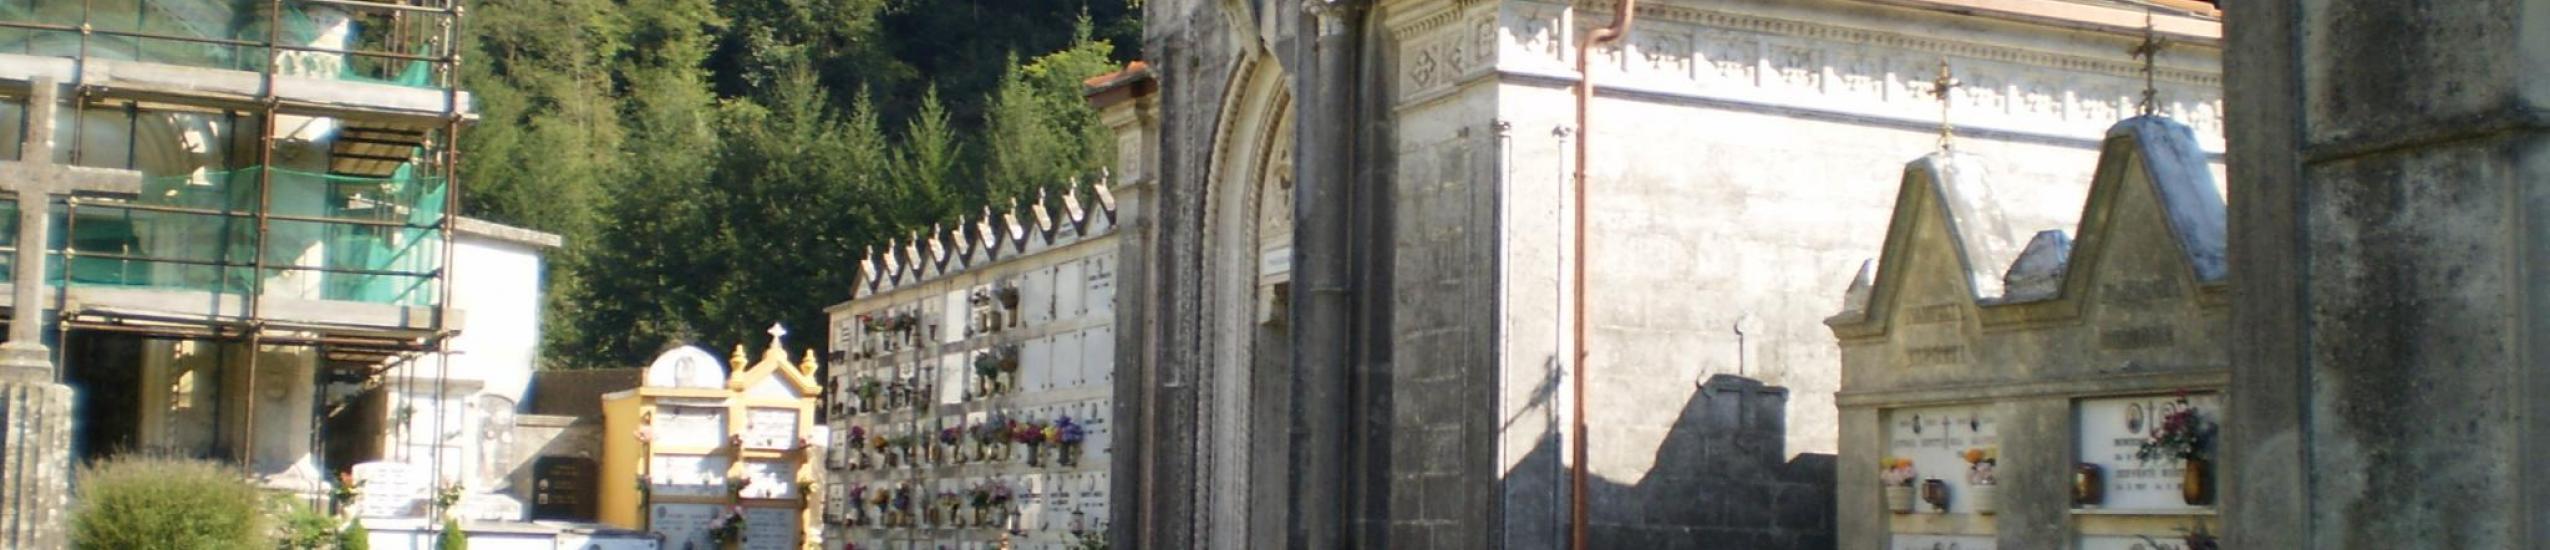 Cimitero di Borgonovo (0)